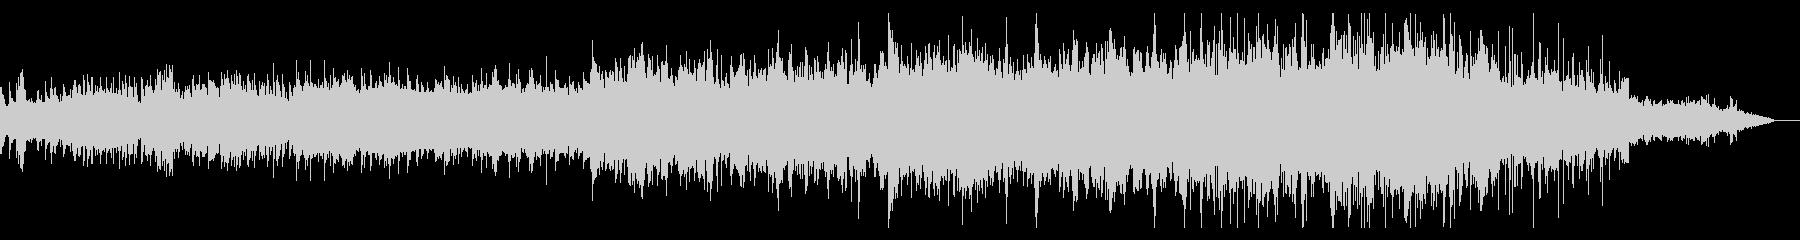 ノイジーでシネマティックなBGMの未再生の波形